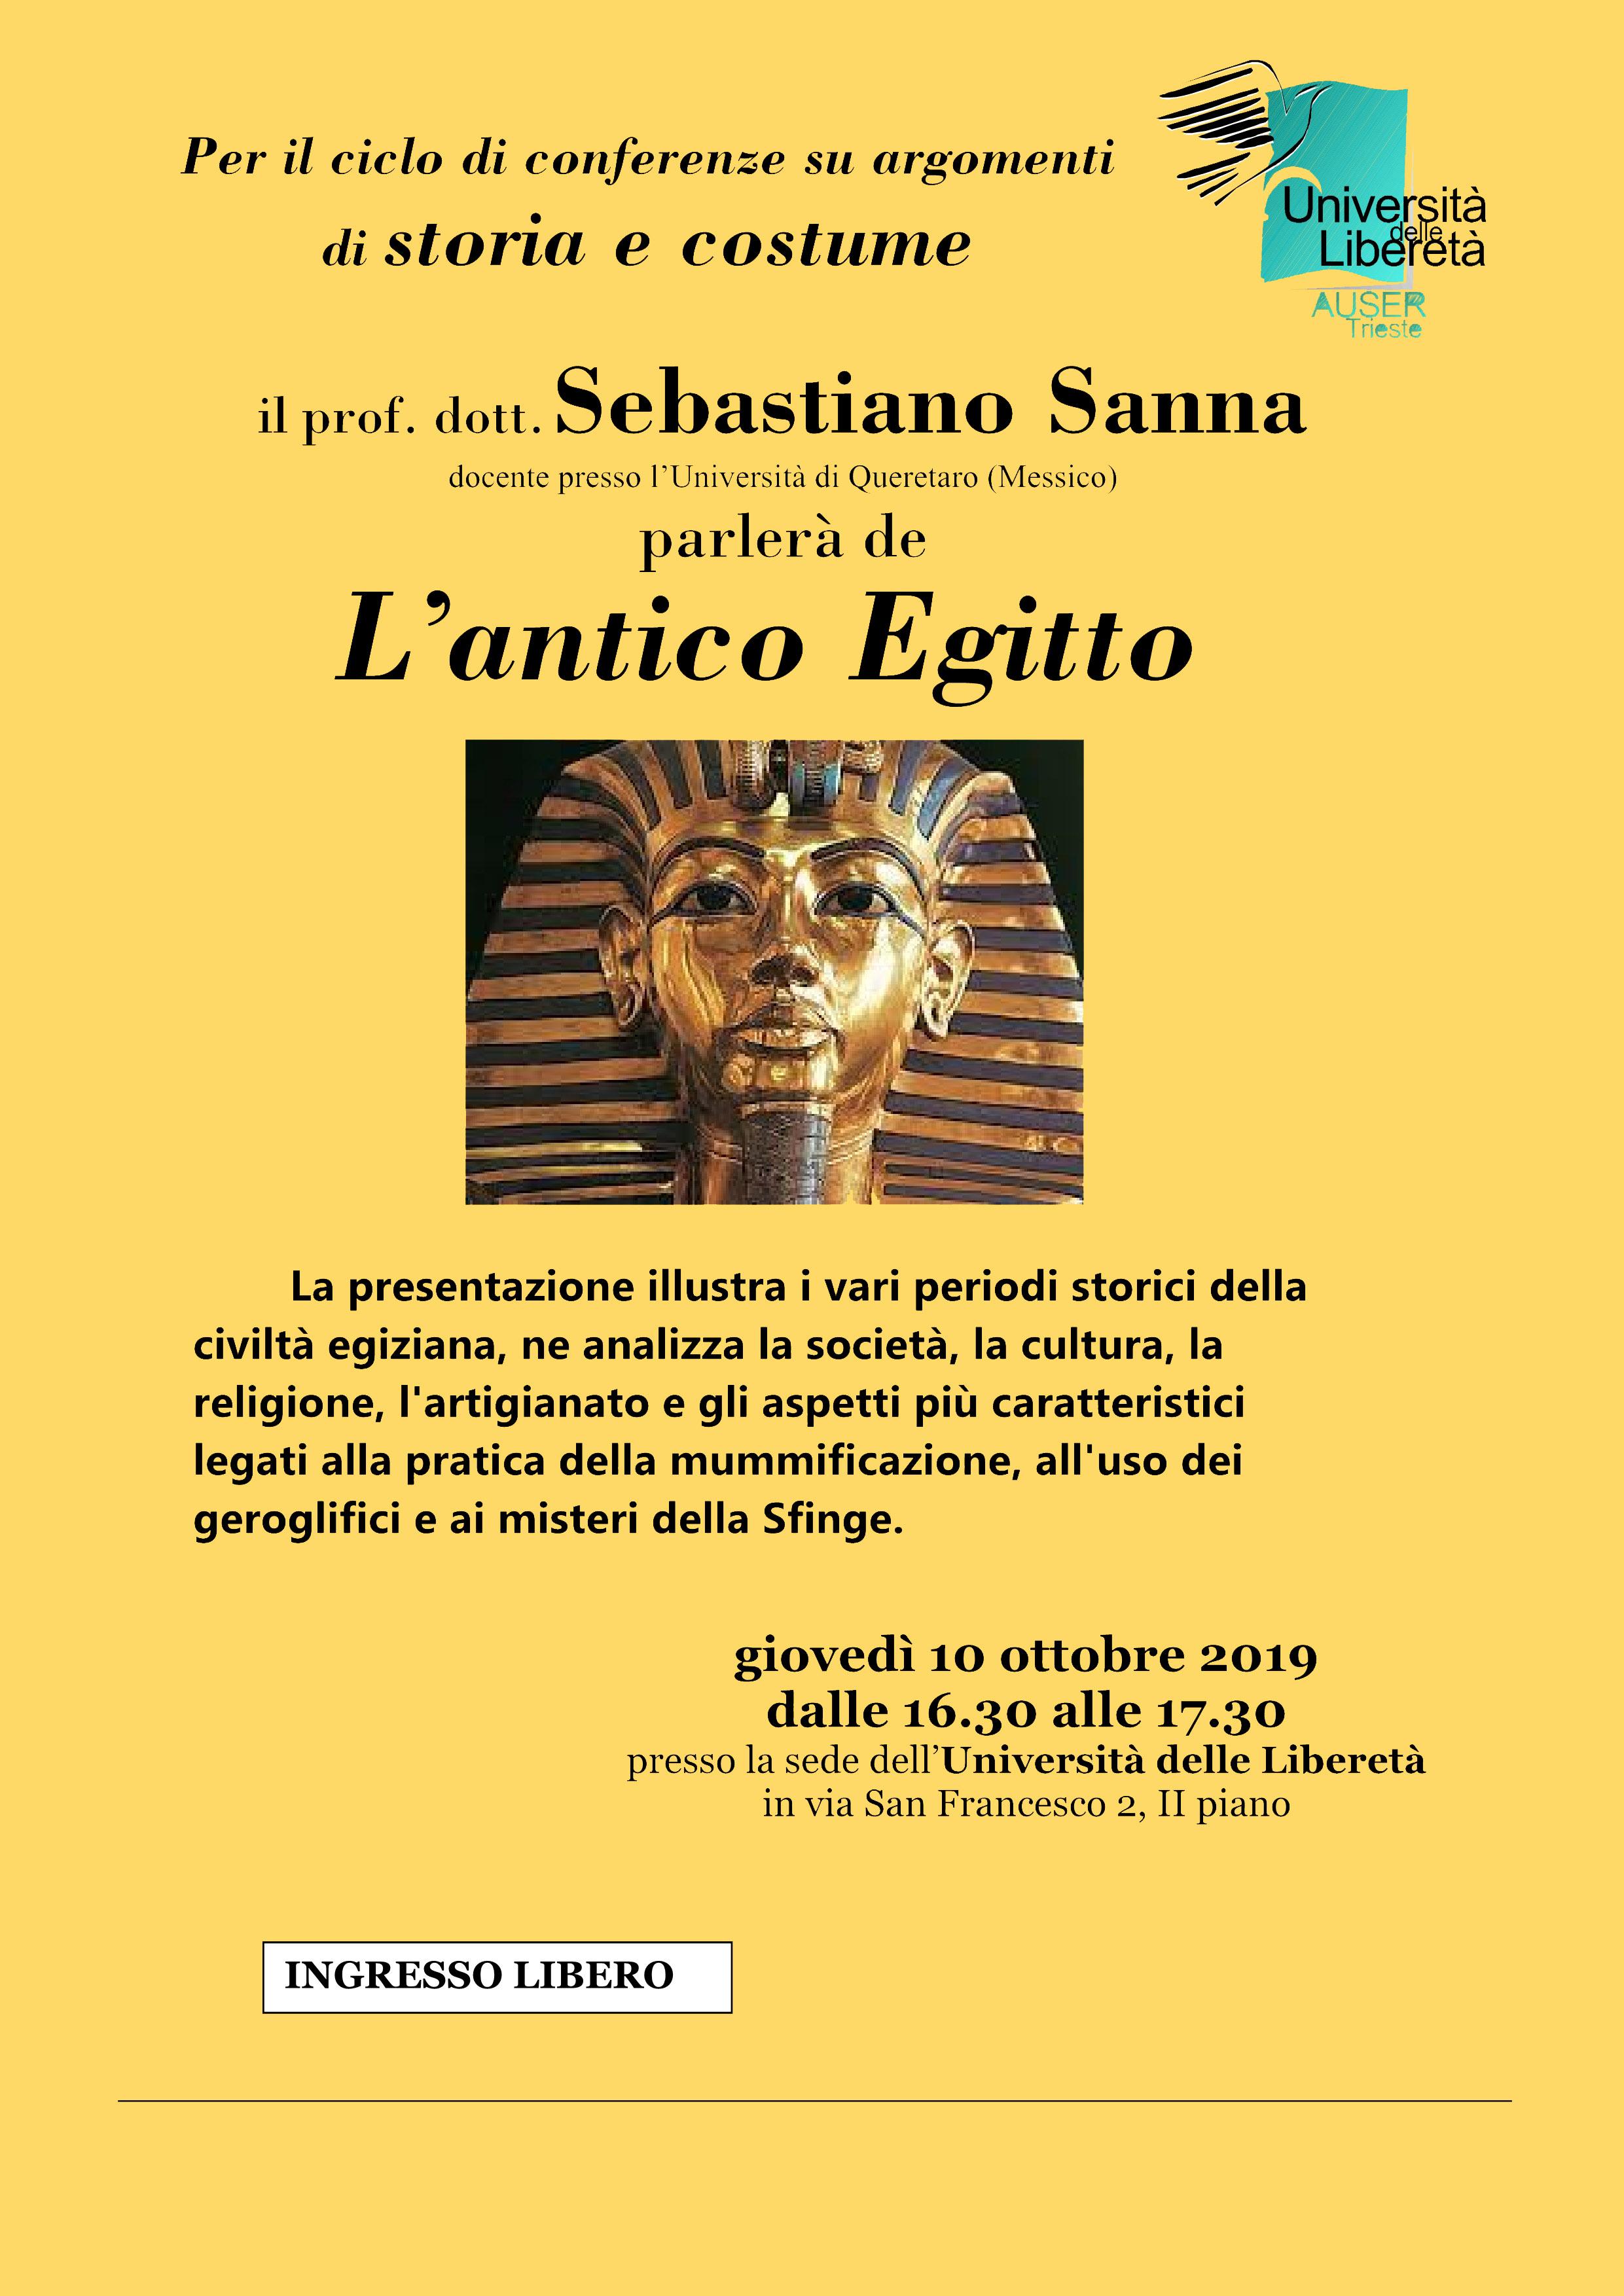 L'antico Egitto1